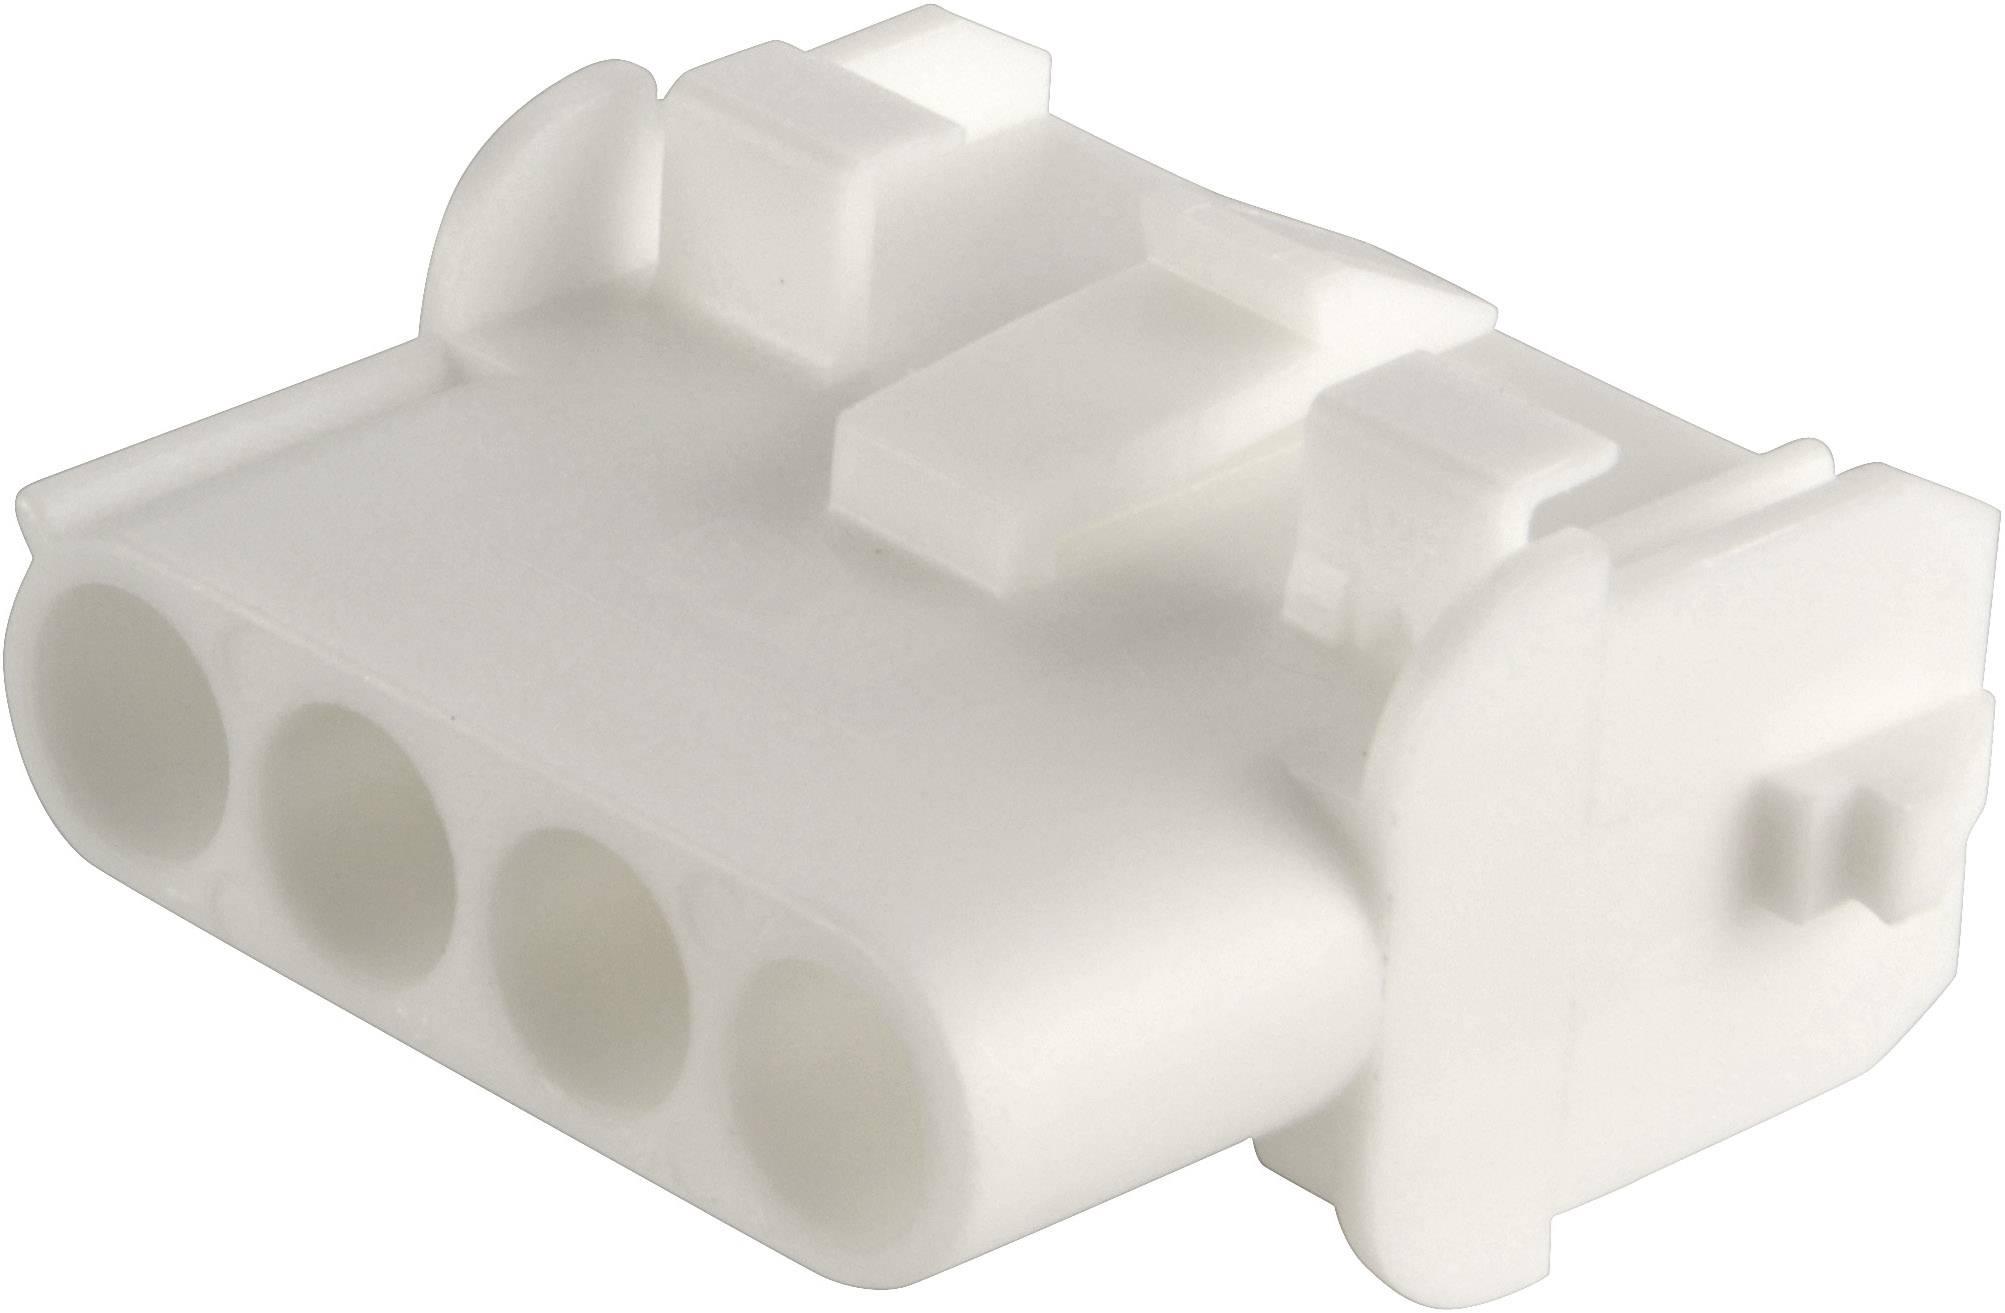 Zásuvkové púzdro na kábel TE Connectivity 350767-1, počet pólov 3, raster 6.35 mm, 1 ks